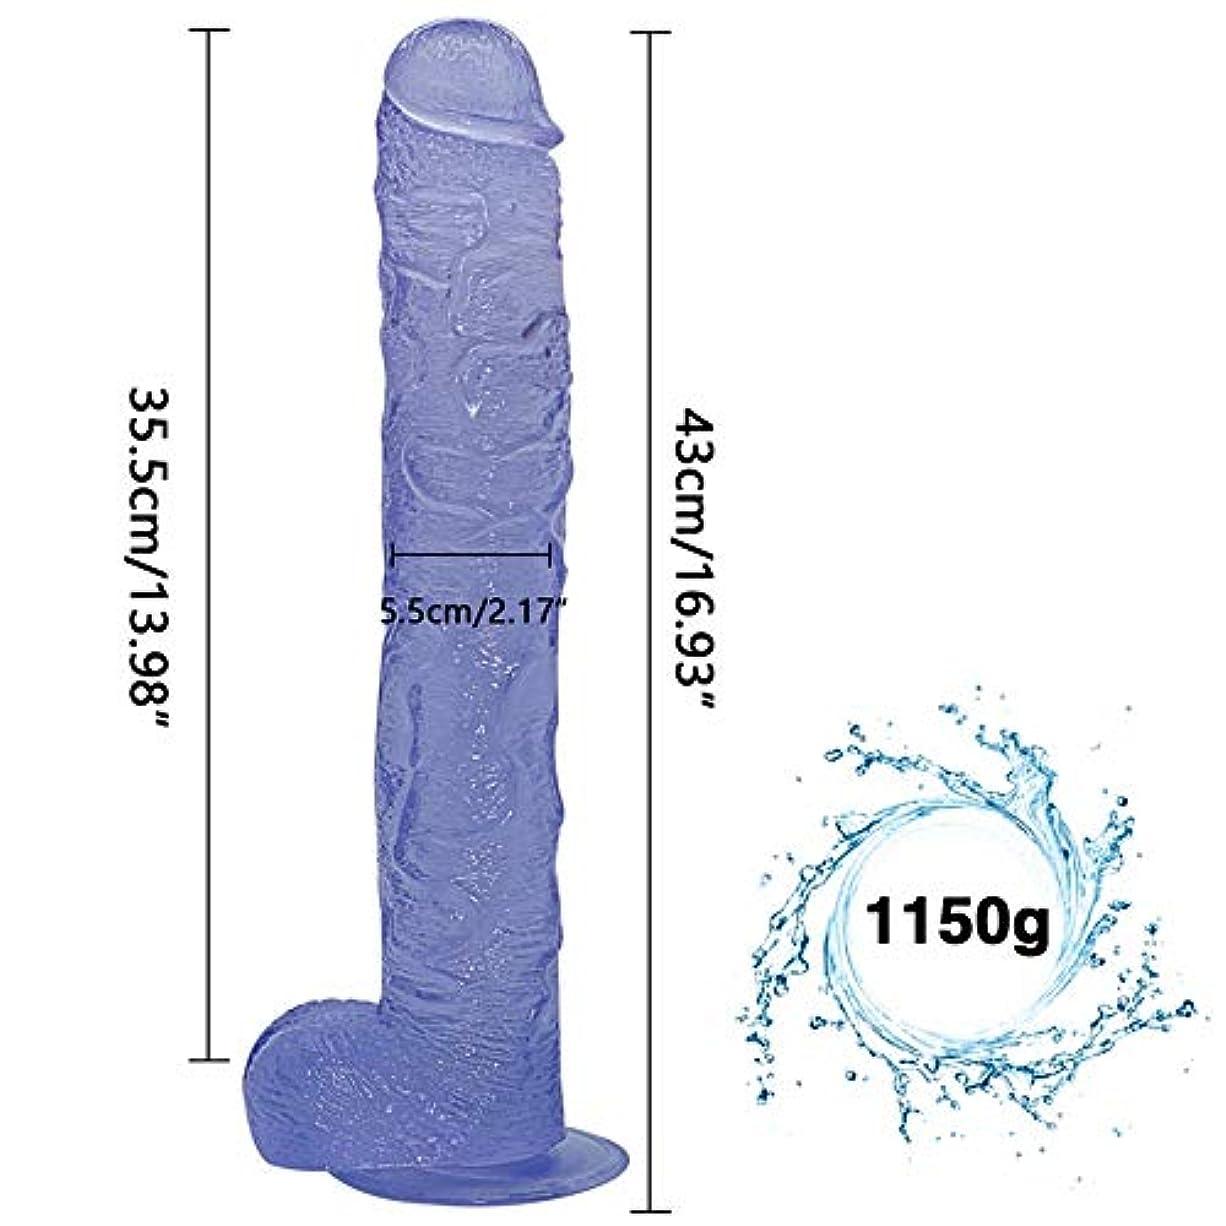 職人可能にするに対処する女性のための 柔らかい杖の柔軟なおもちゃ、肉質のおもちゃ、女性16.93インチ-ブルー-daxuedasan2.1